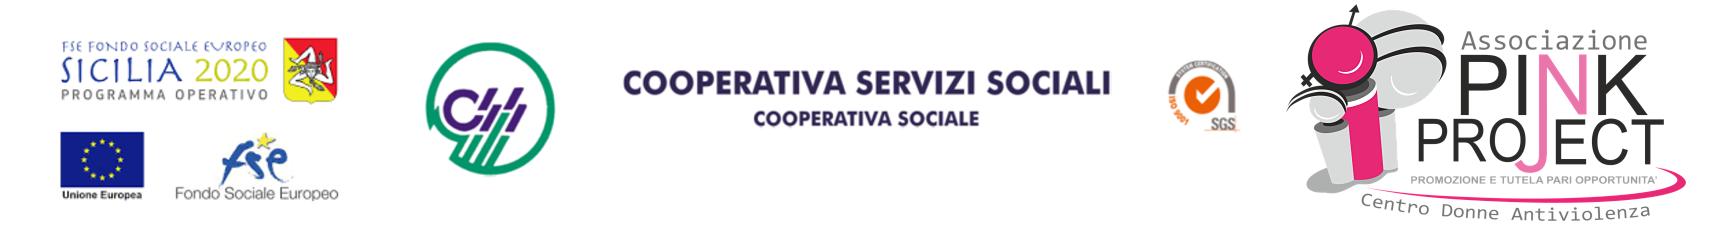 Fondo Sociale europeo 2020 - Associazione Pink Project -Cooperativa Servizi Sociali